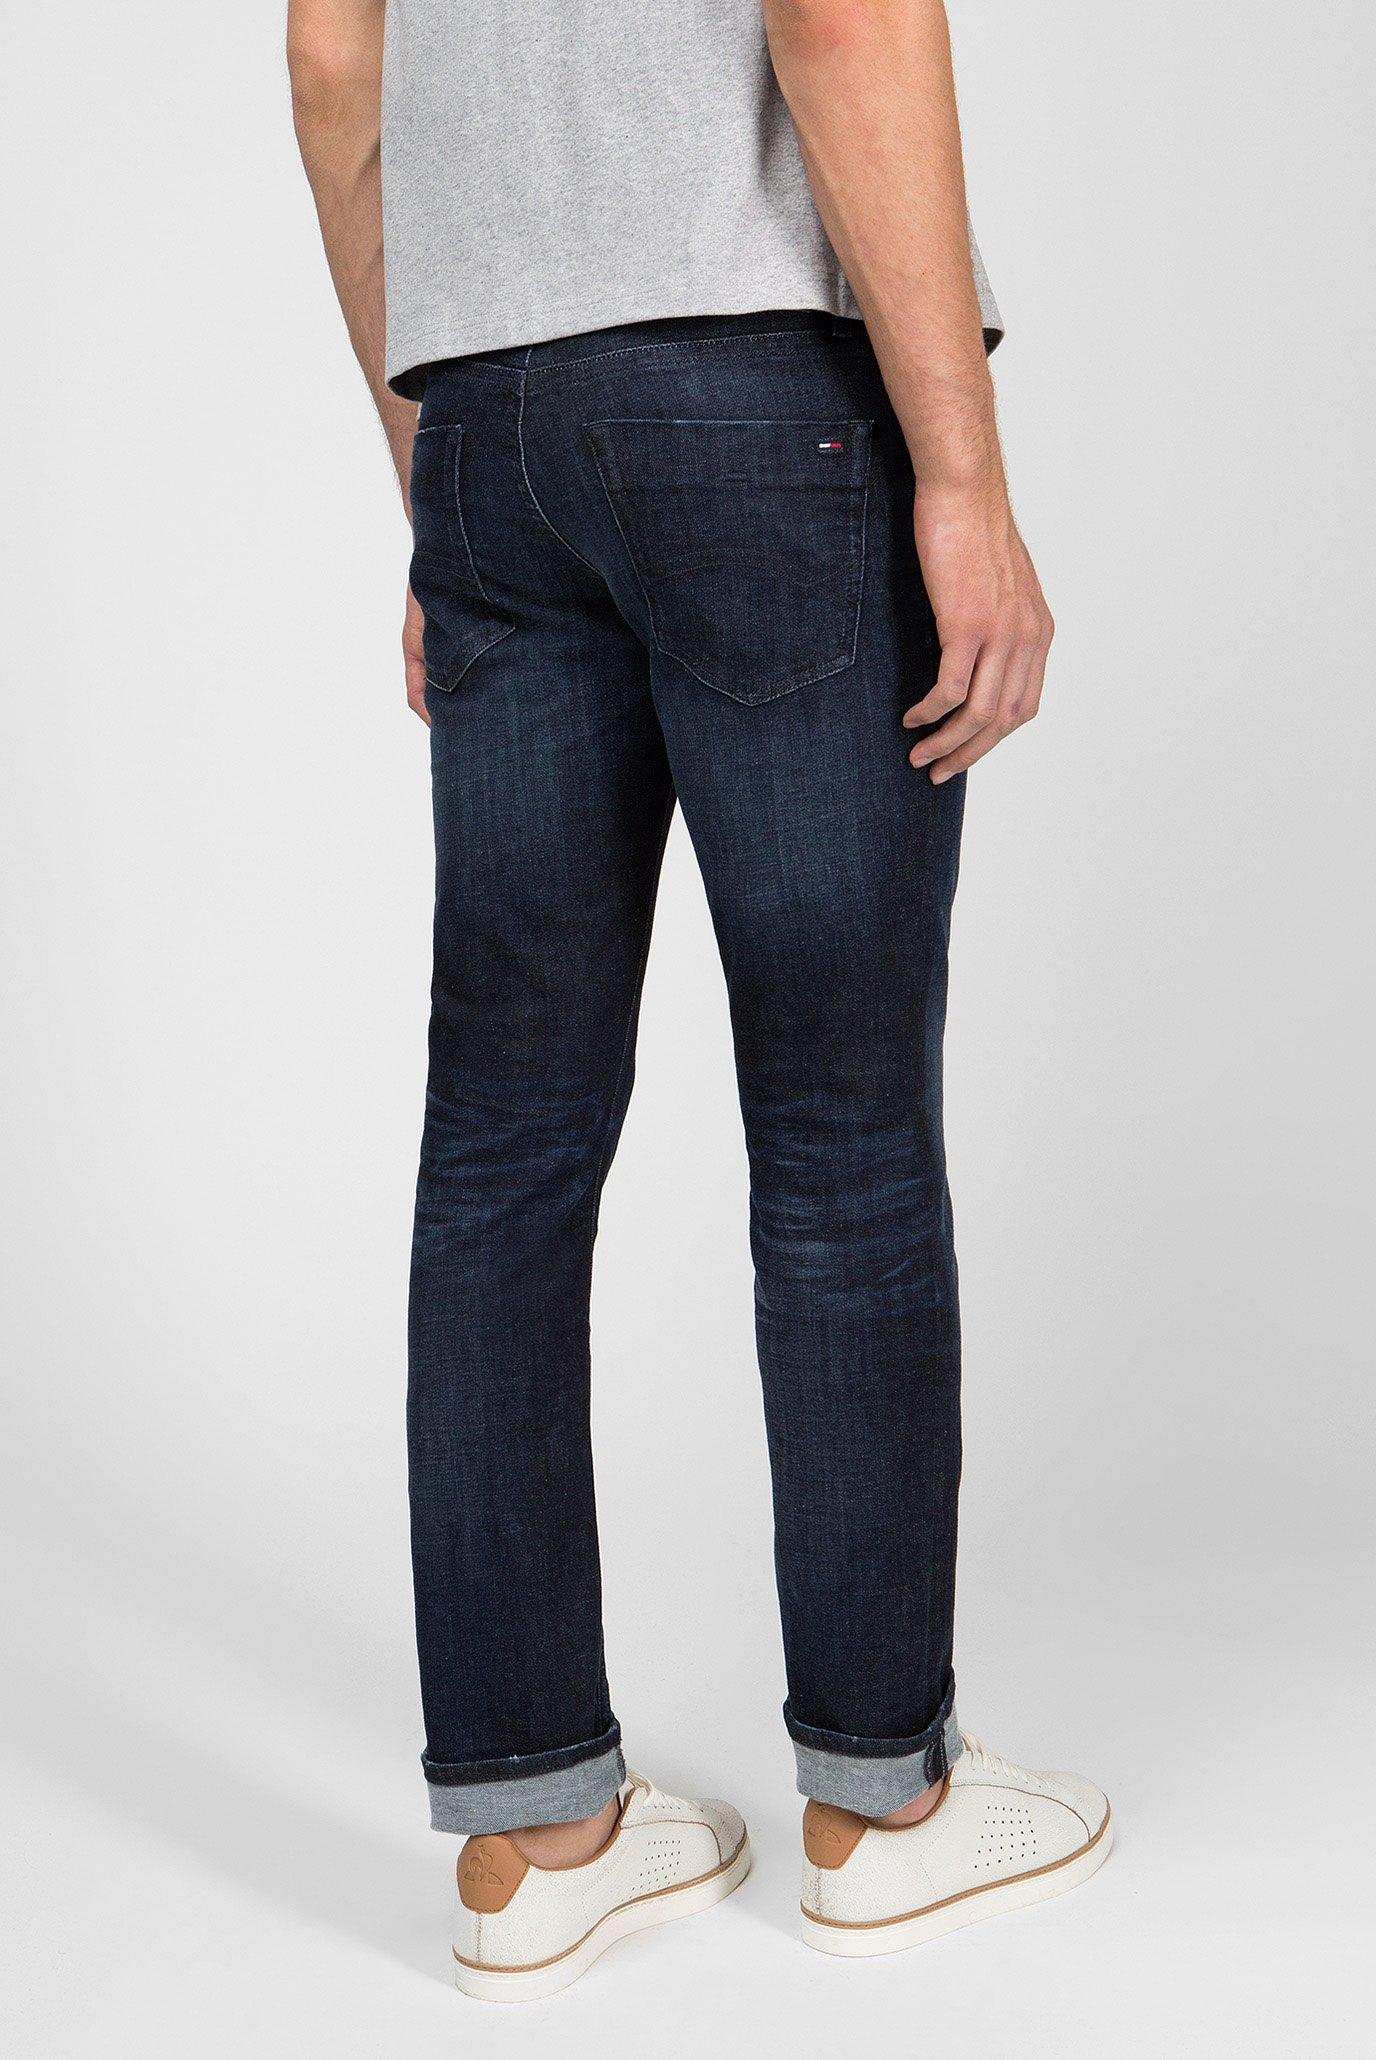 Купить Мужские темно-синие джинсы SLIM SCANTON Tommy Hilfiger Tommy Hilfiger DM0DM04945 – Киев, Украина. Цены в интернет магазине MD Fashion